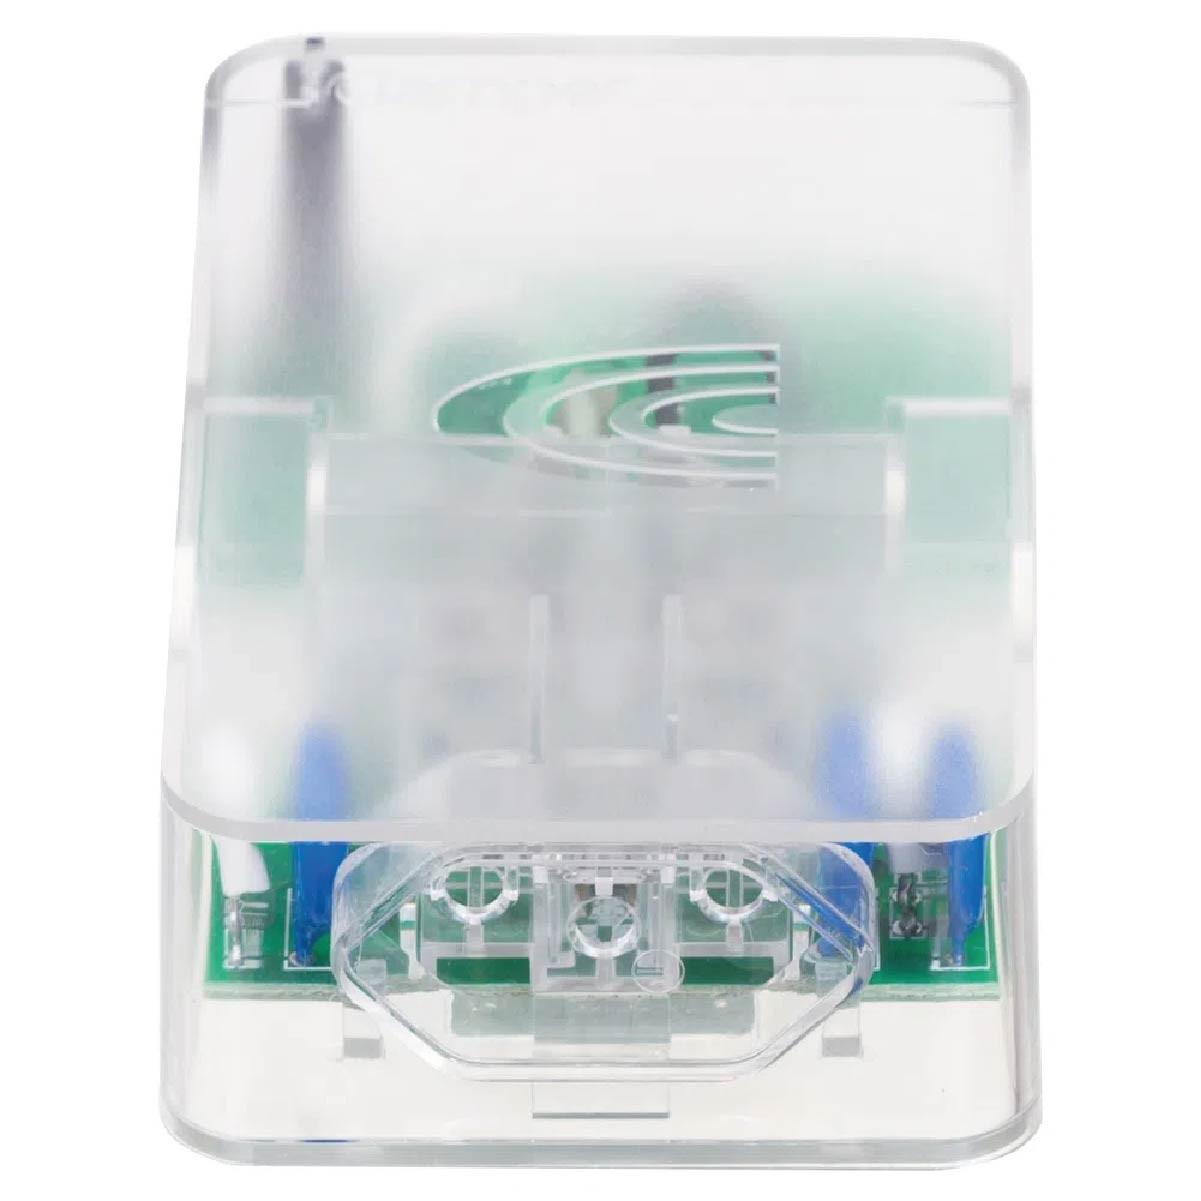 Filtro de Linha iClamper Energia 3 Protetor Contra Surtos e Raios Transparente